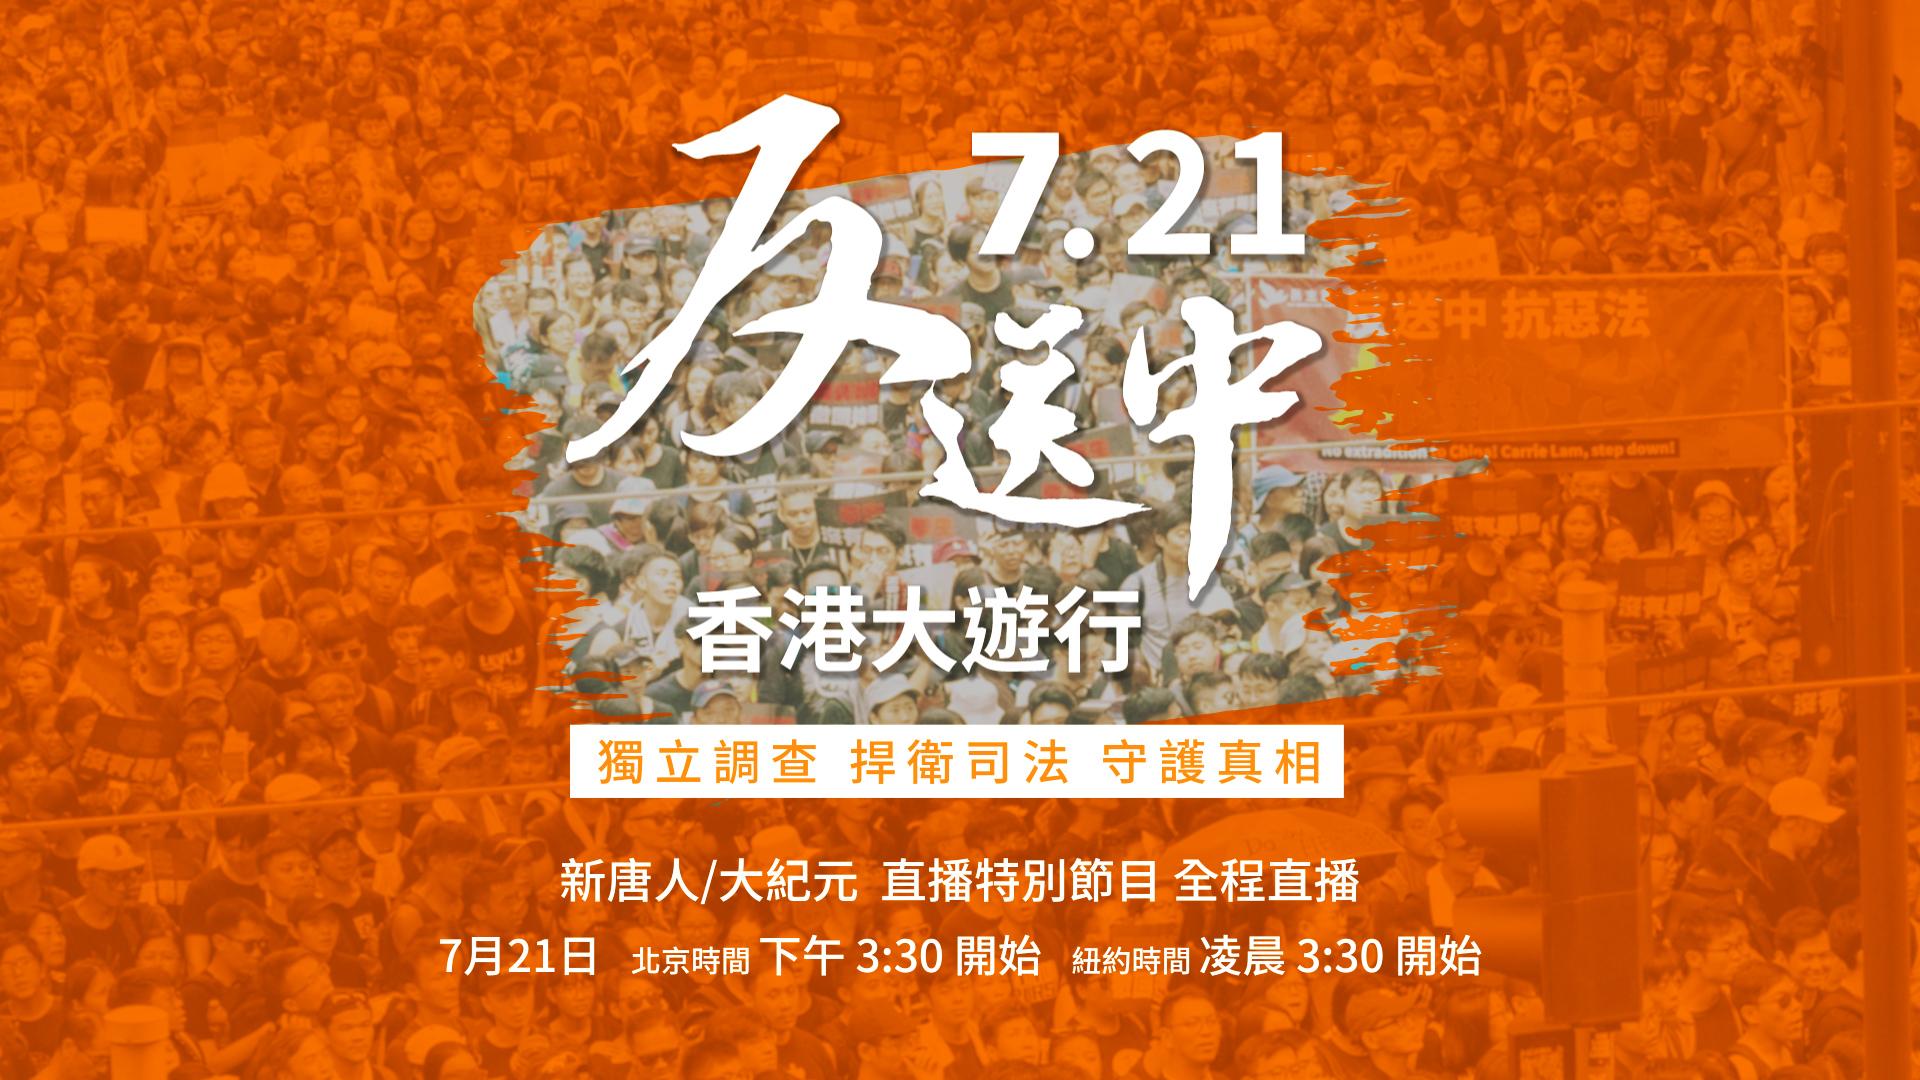 新唐人、大紀元聯合直播7.21香港反送中大遊行。(新唐人製圖)